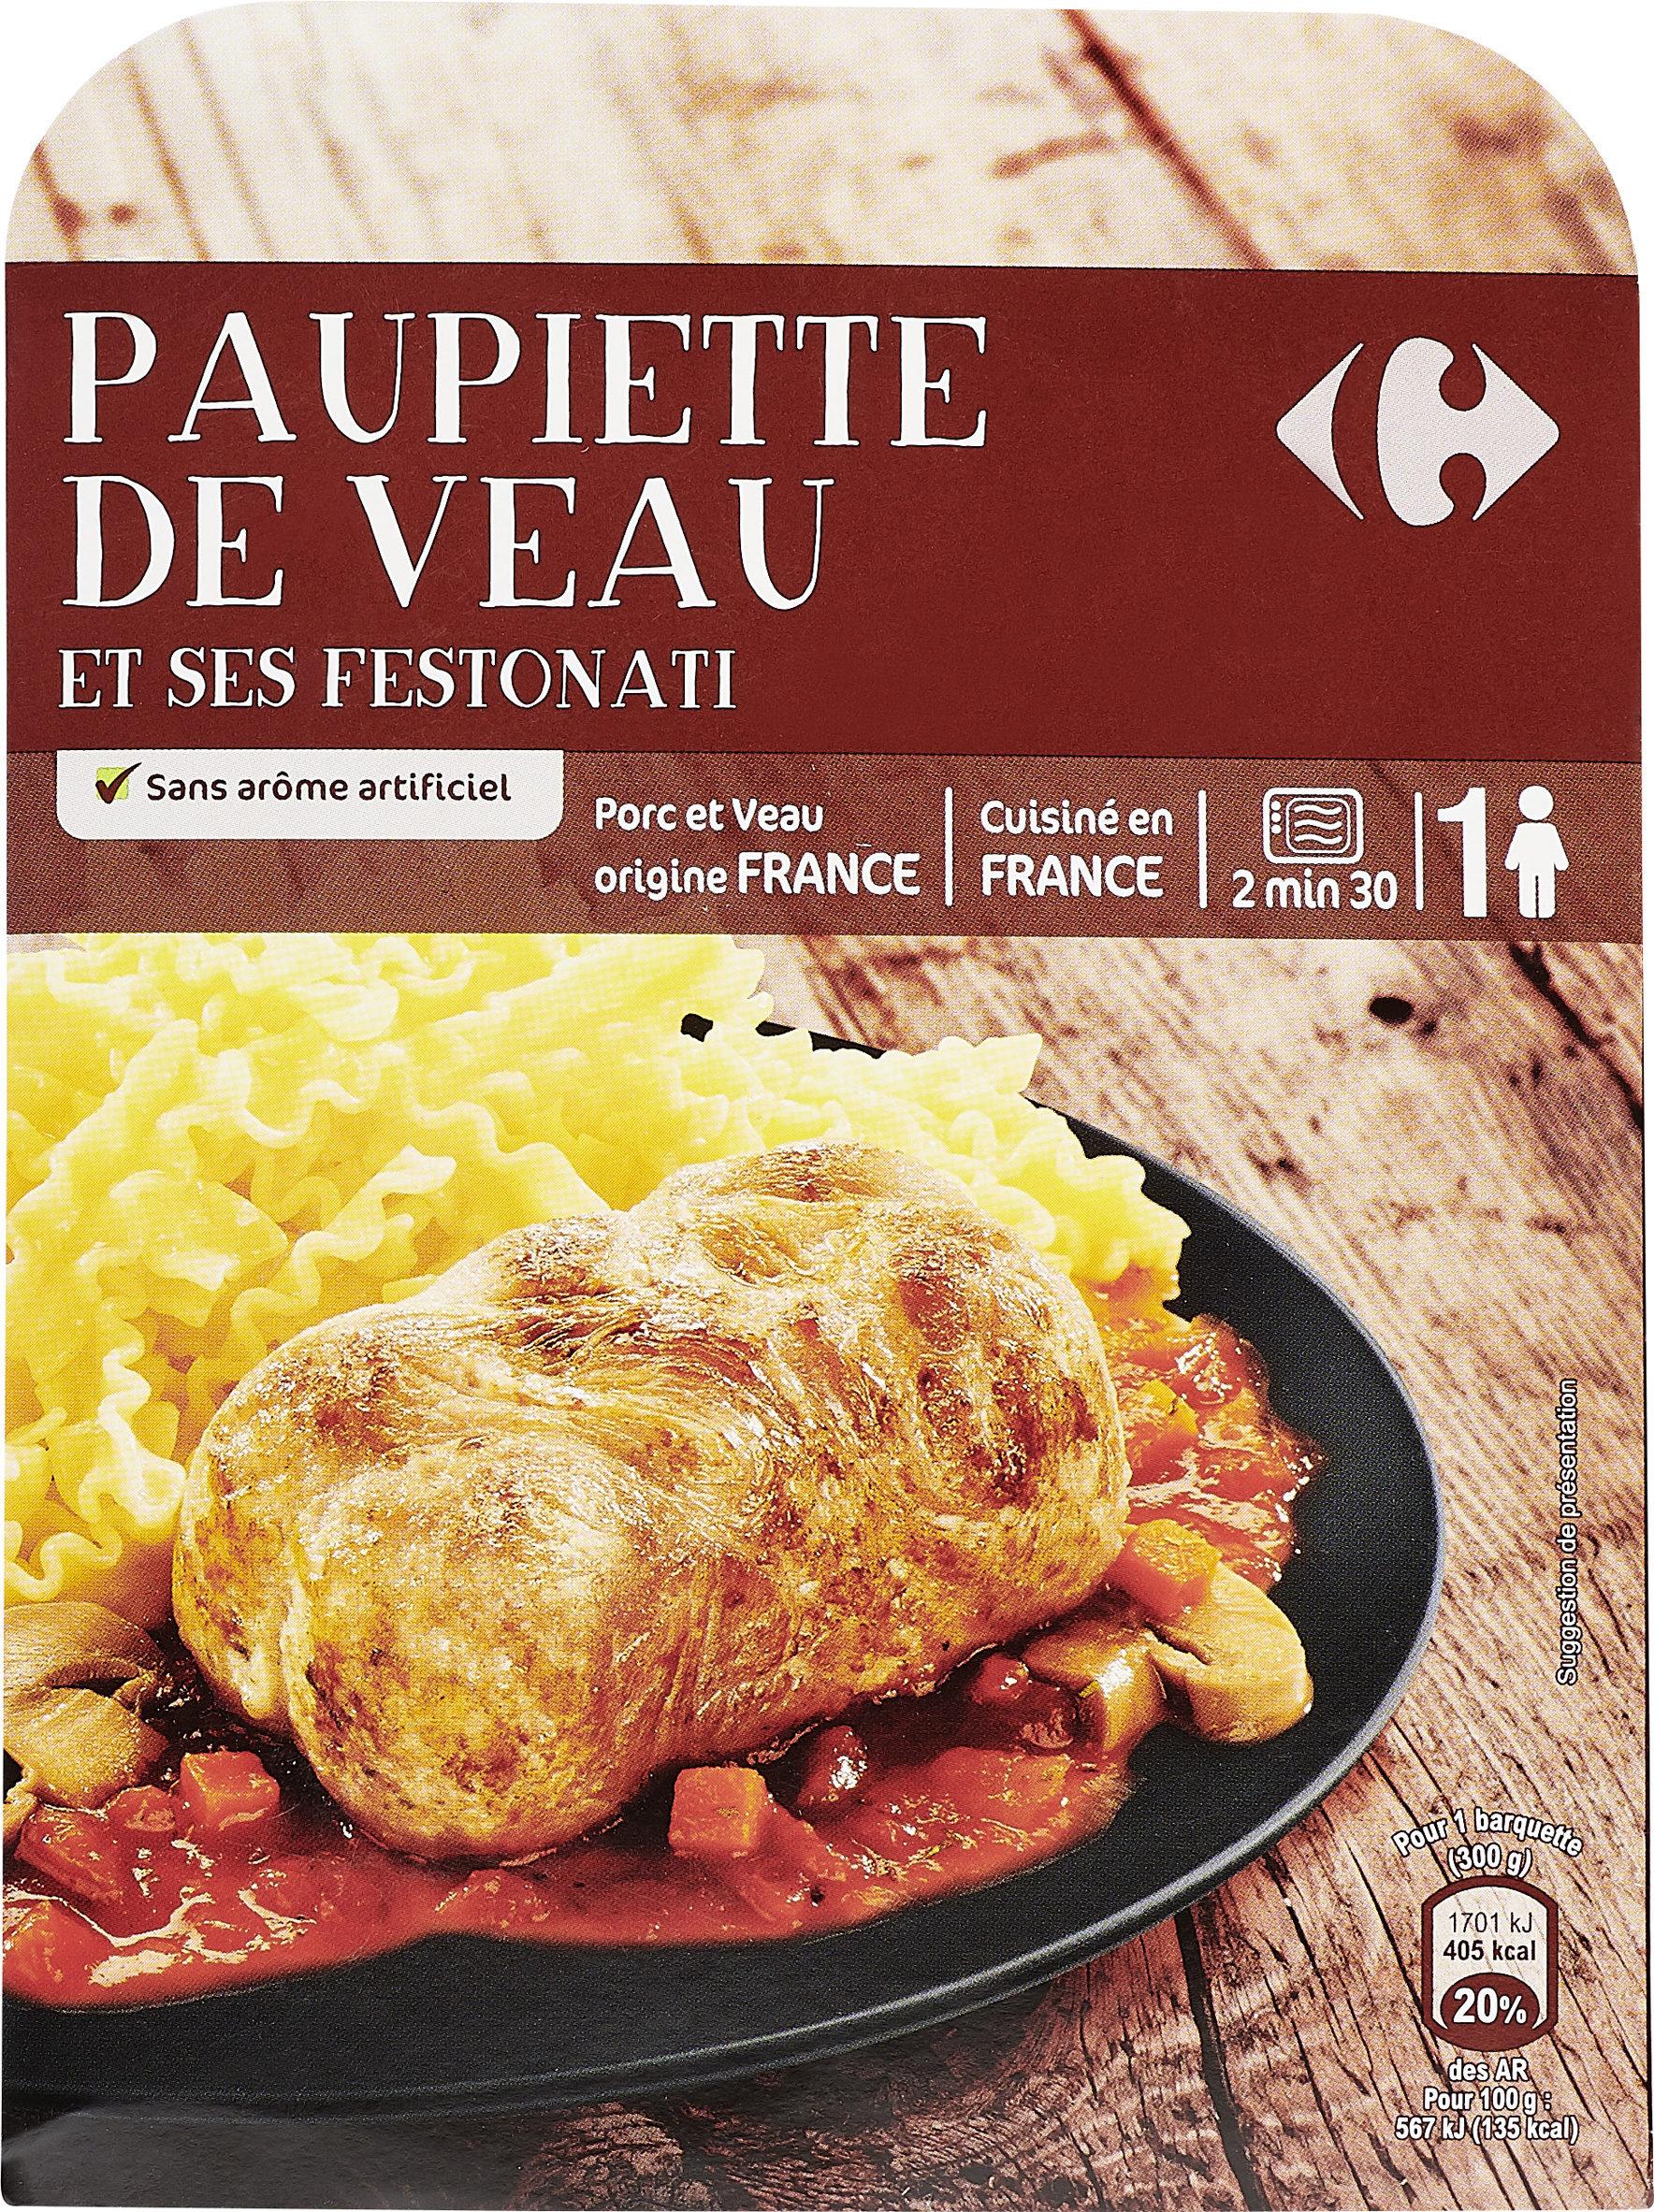 Paupiette de veau et ses festonati - Produit - fr